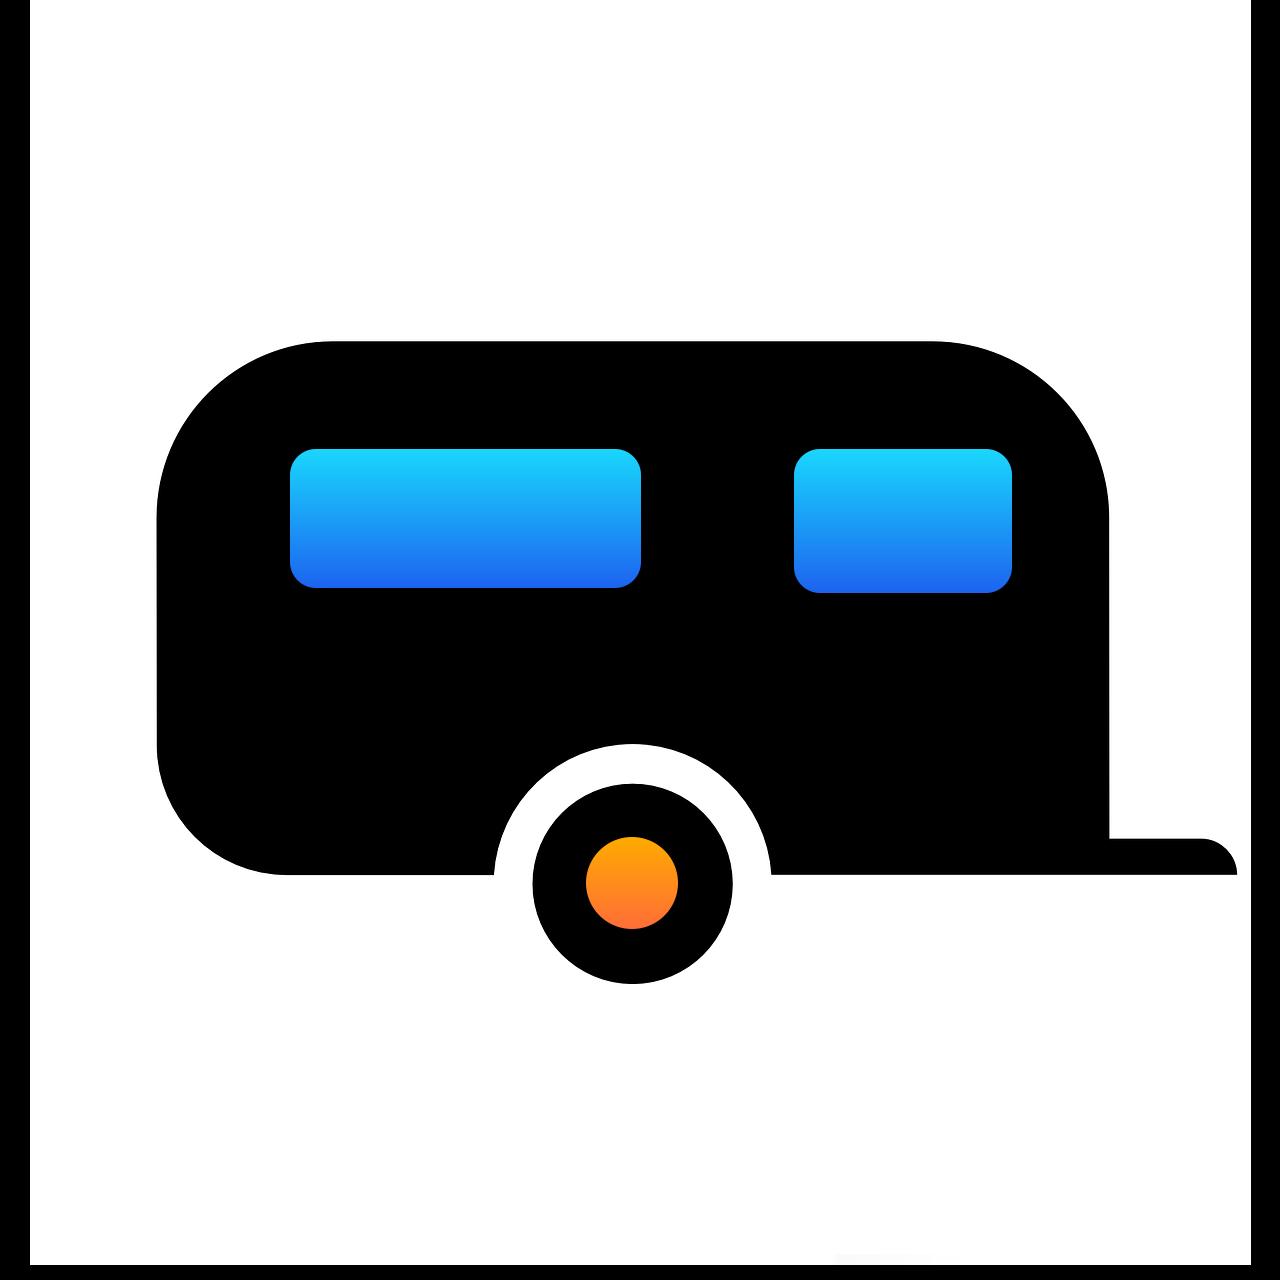 Wohnwagen-Stellplatz Image